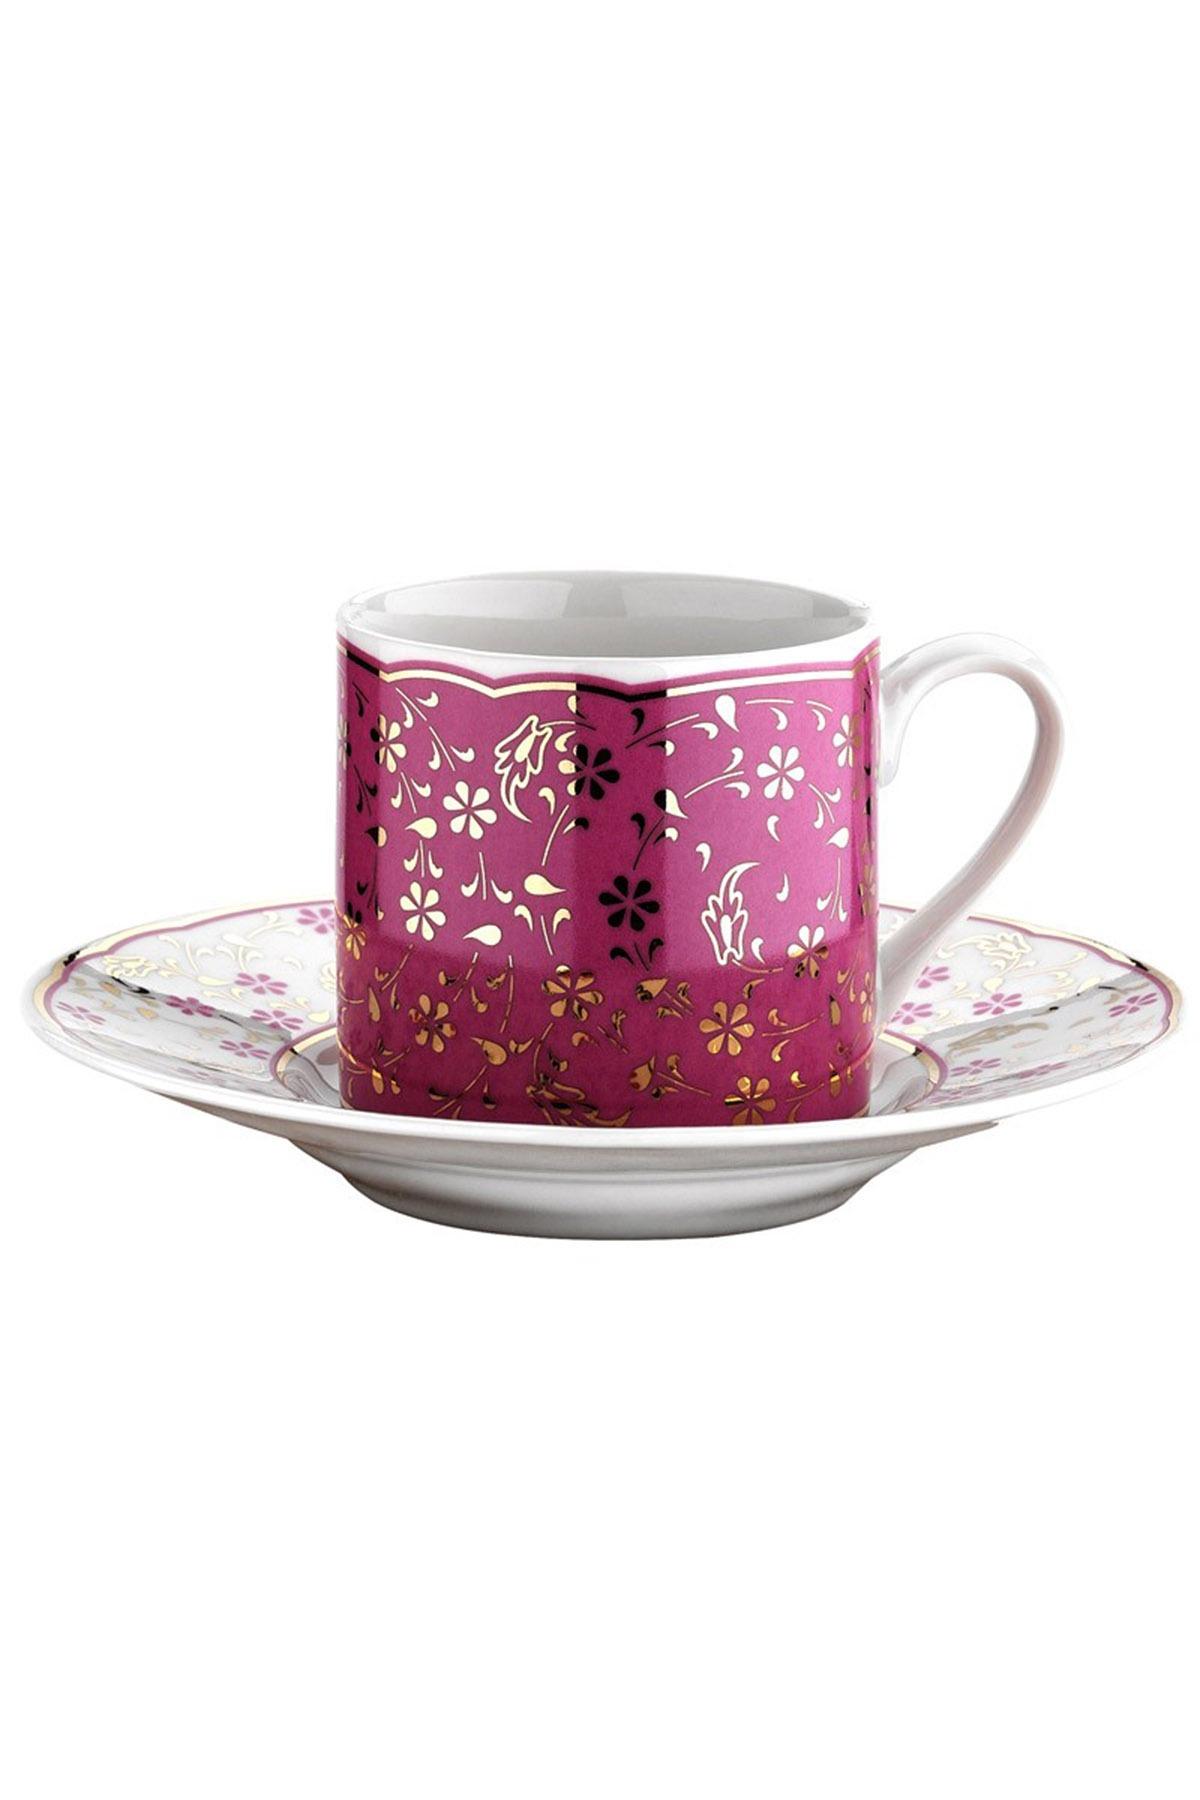 Kütahya Porselen - Kütahya Porselen Rüya 4142 Desen Kahve Fincan Takımı